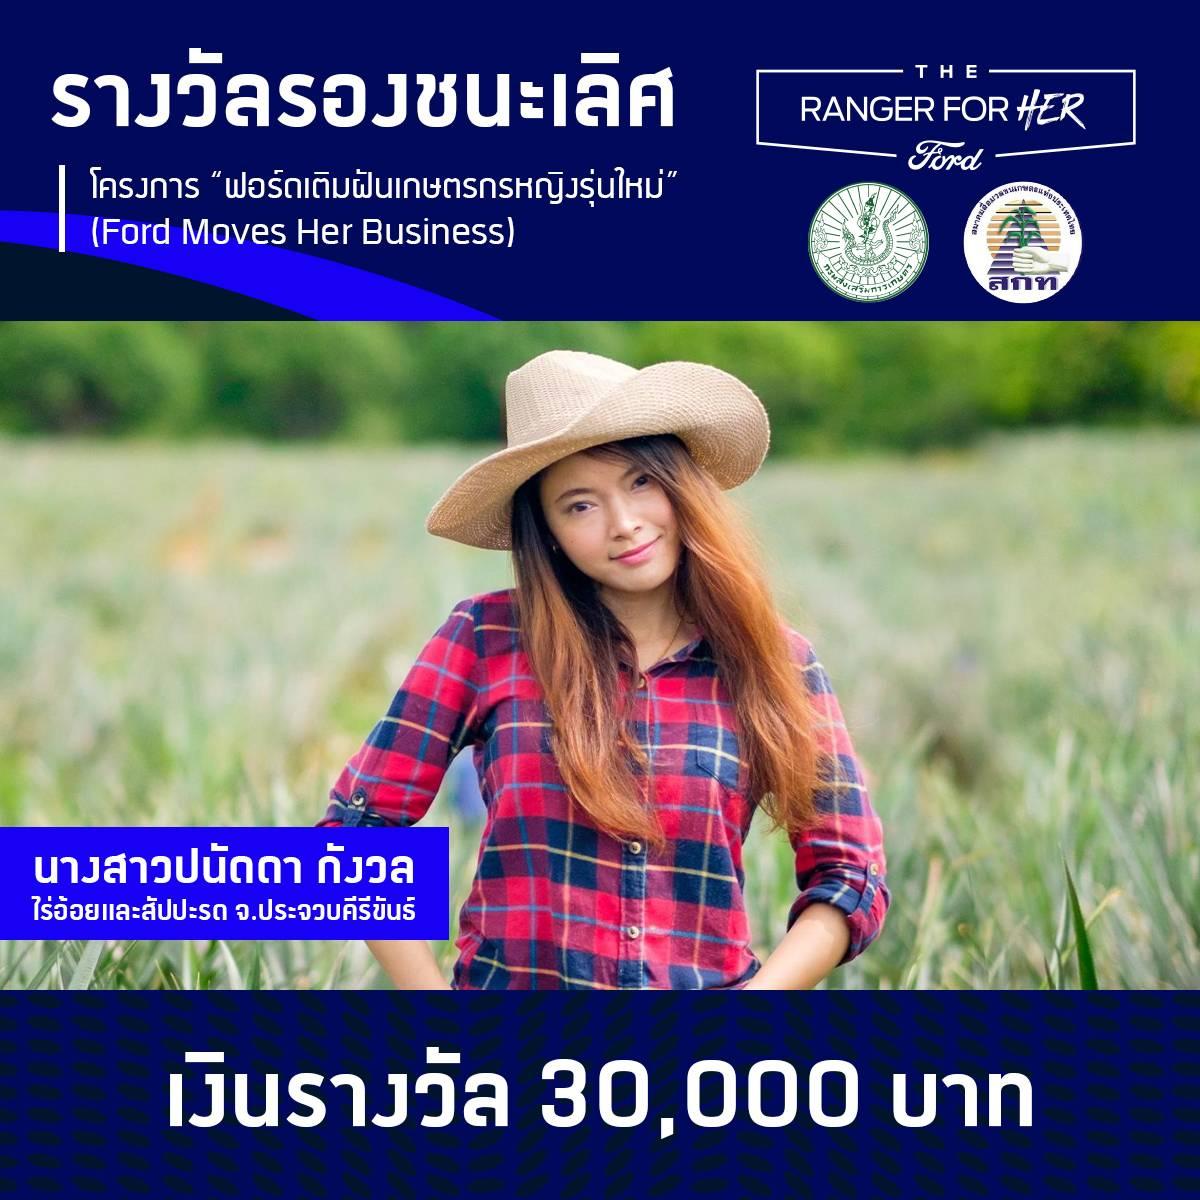 """ฟอร์ดมอบทุนต่อยอดธุรกิจเกษตรกรสาวคนแกร่ง ผู้ชนะโครงการ """"ฟอร์ดเติมฝันเกษตรกรหญิงรุ่นใหม่"""""""